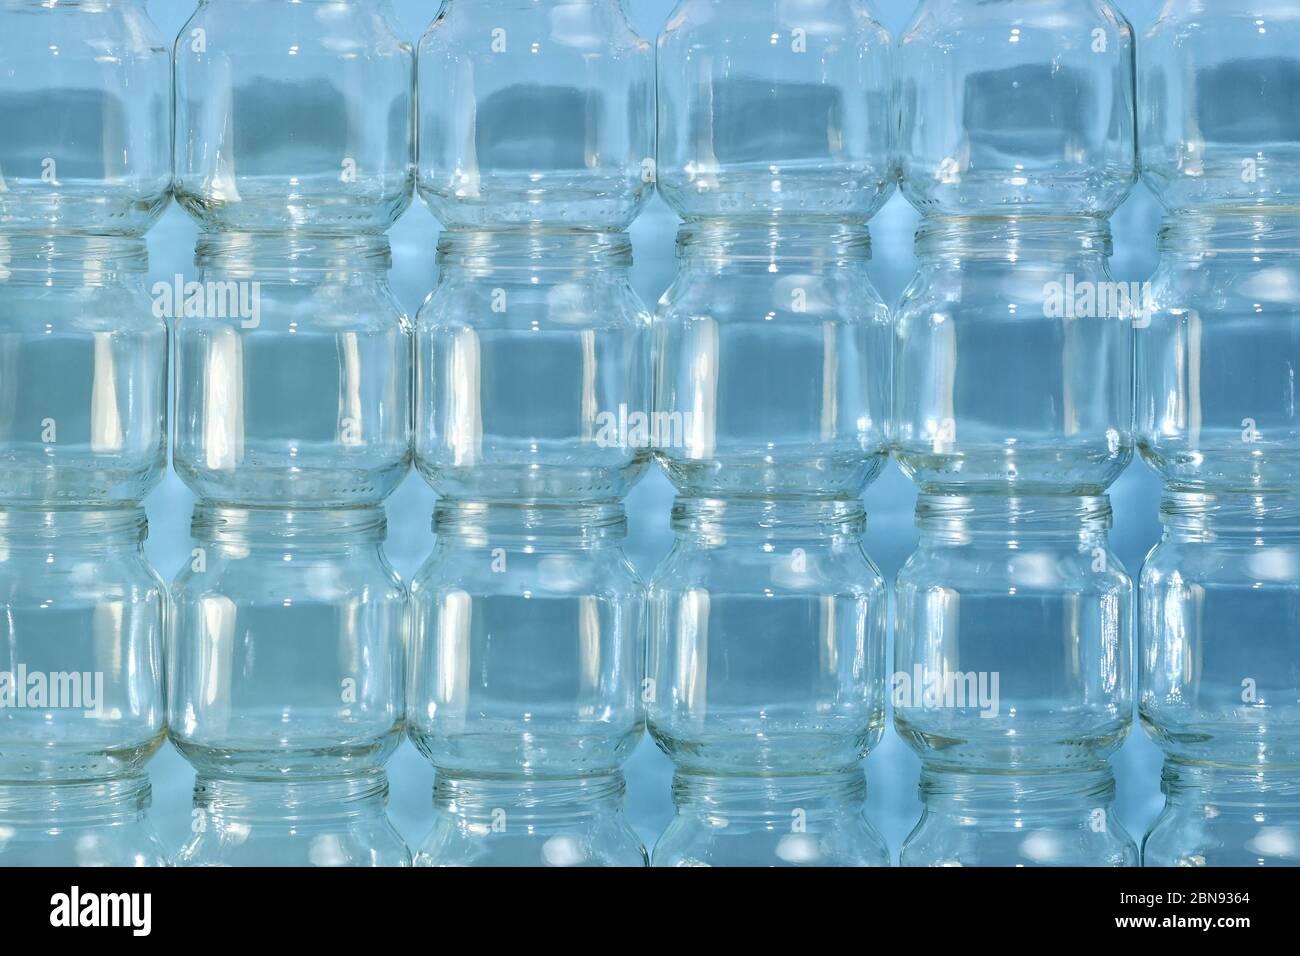 El fondo es de la pared construida de latas pequeñas transparentes, horizontal agrandado fragmento en el centro. Foto de stock